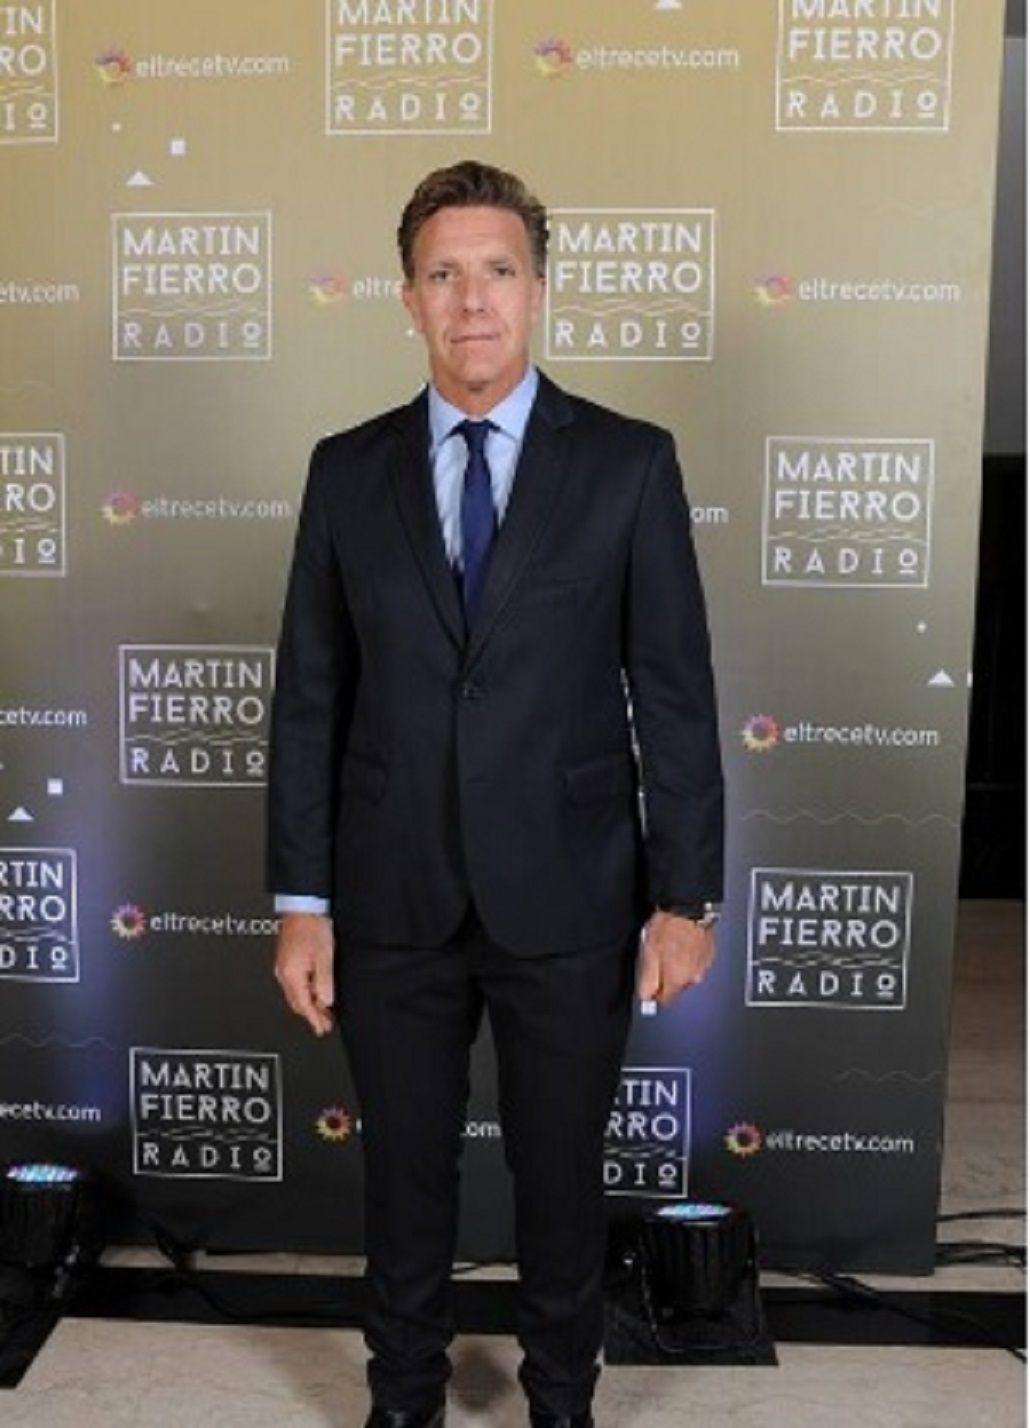 Fantino en los Martín Fierro a la Radio - Prensa El Trece